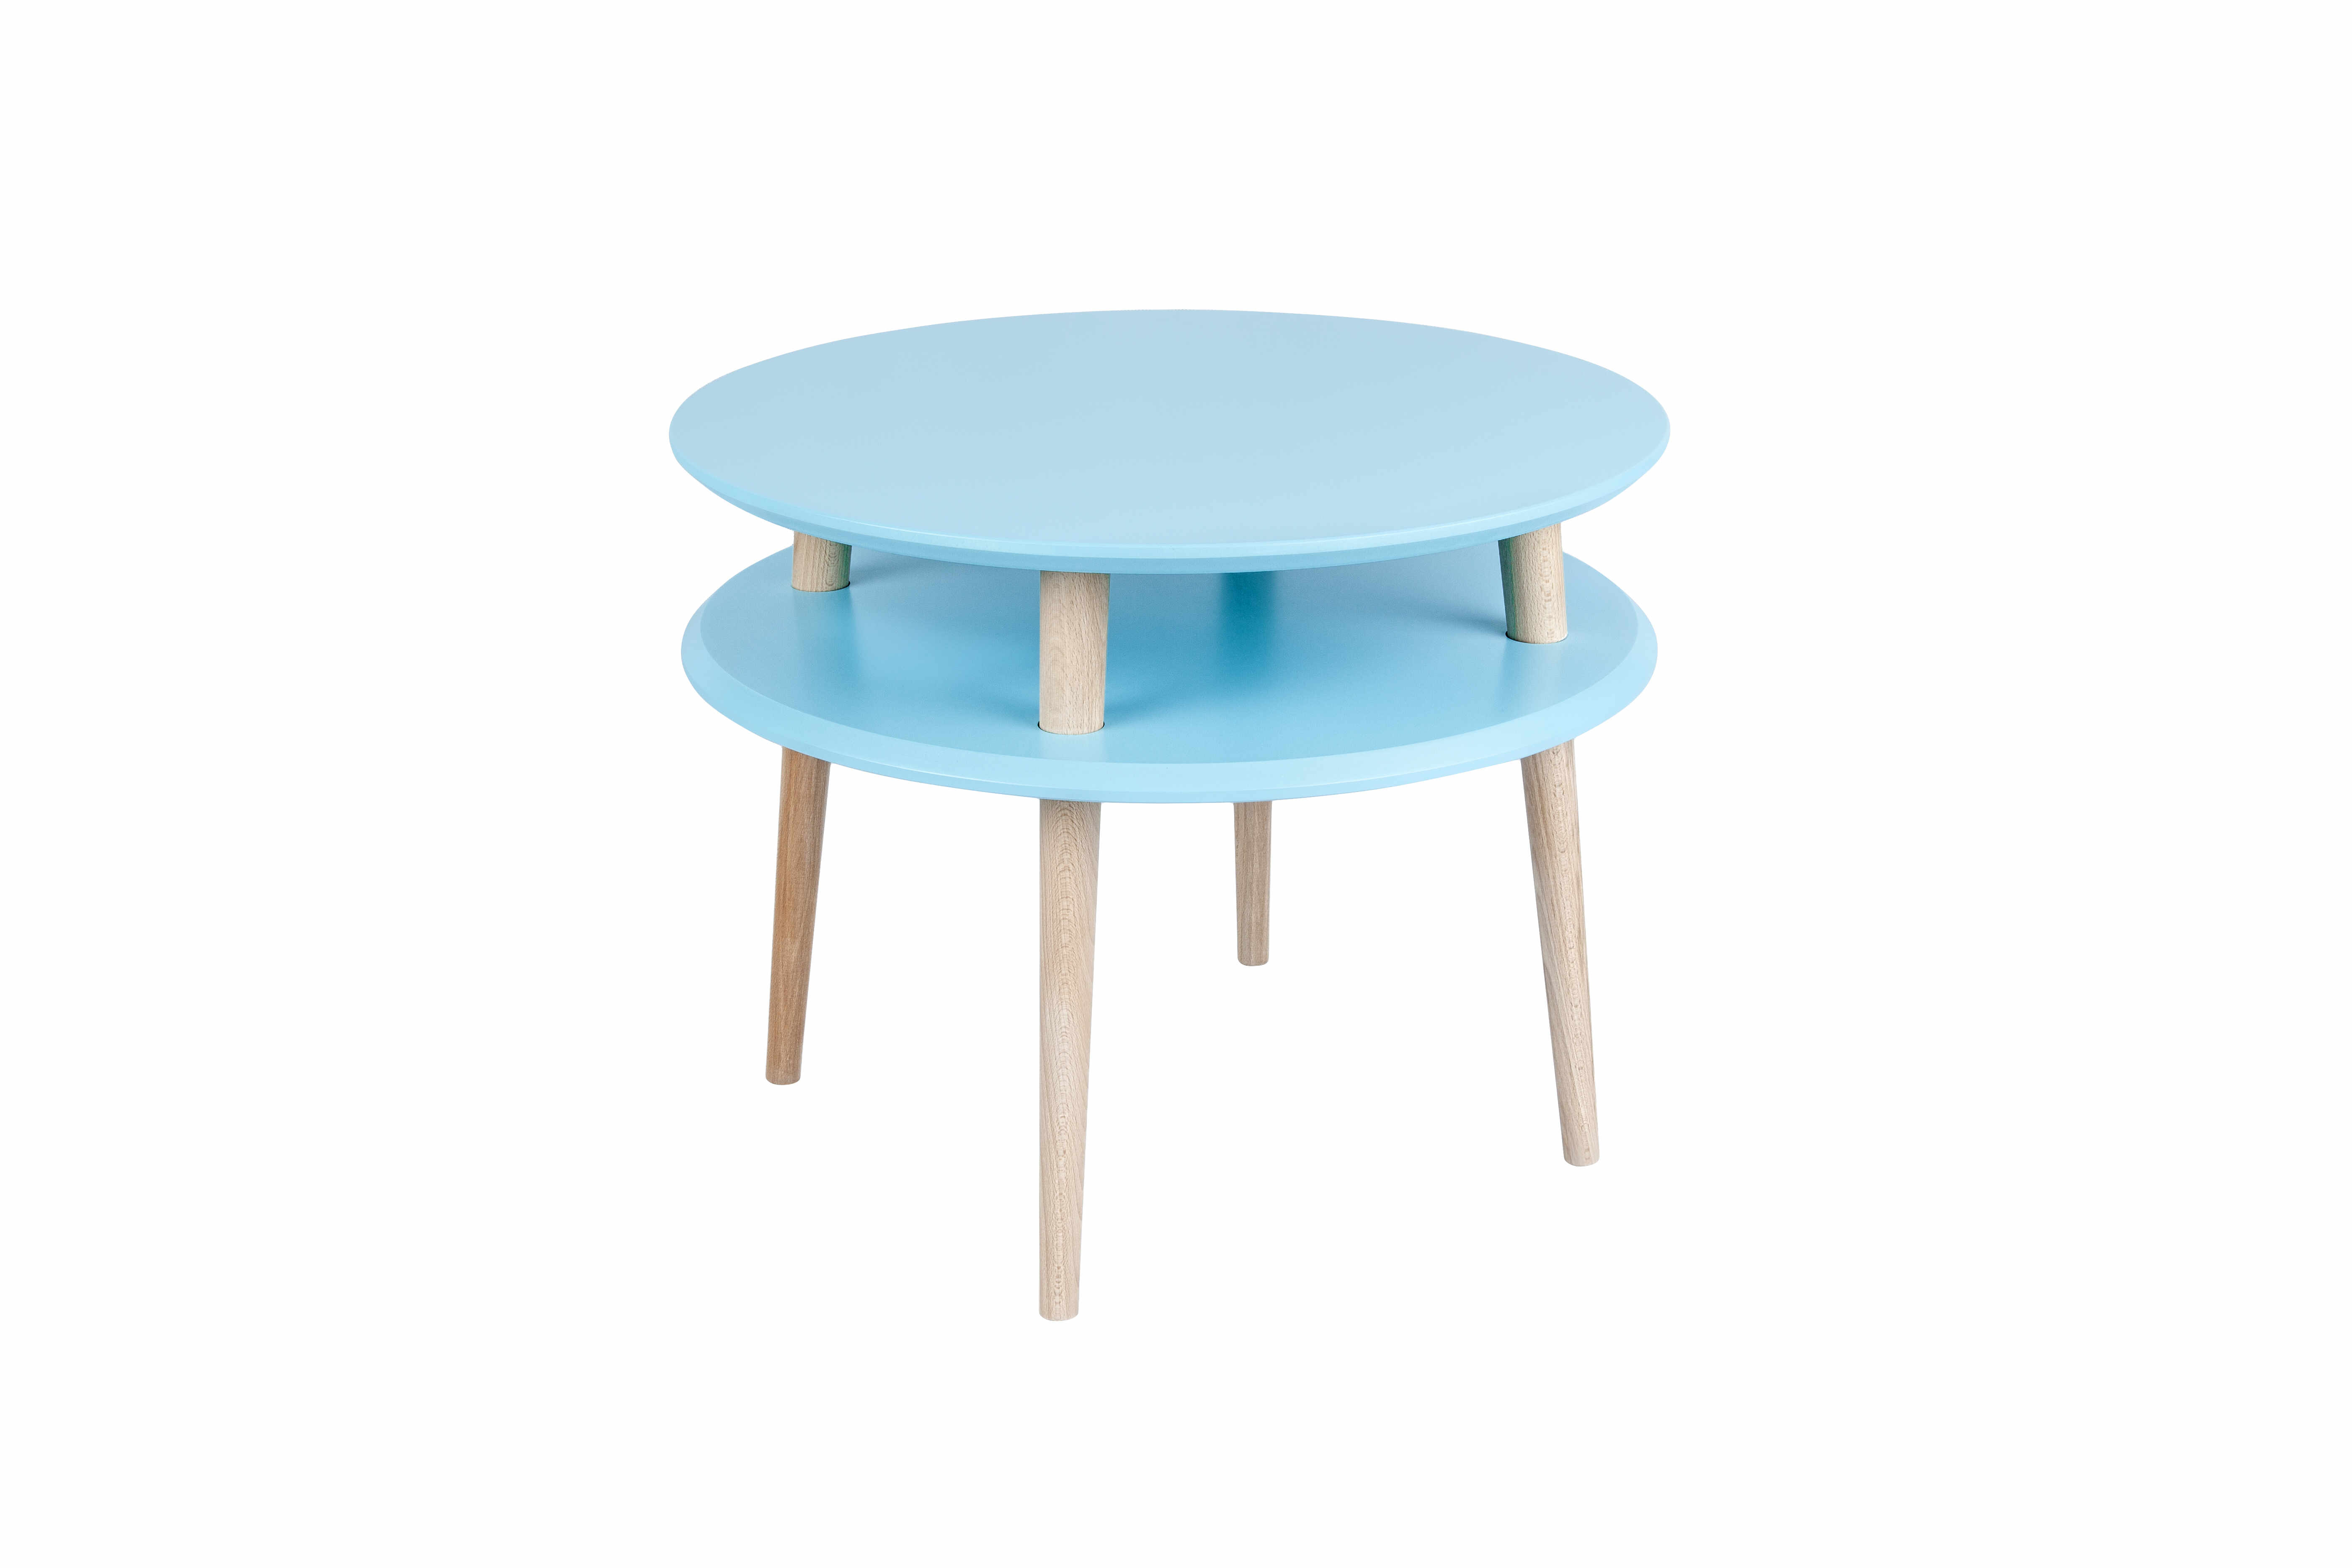 Masa de cafea din lemn de fag si MDF Ufo Medium Dark Turquoise / Beech, Ø57xH45 cm la pret 647 lei